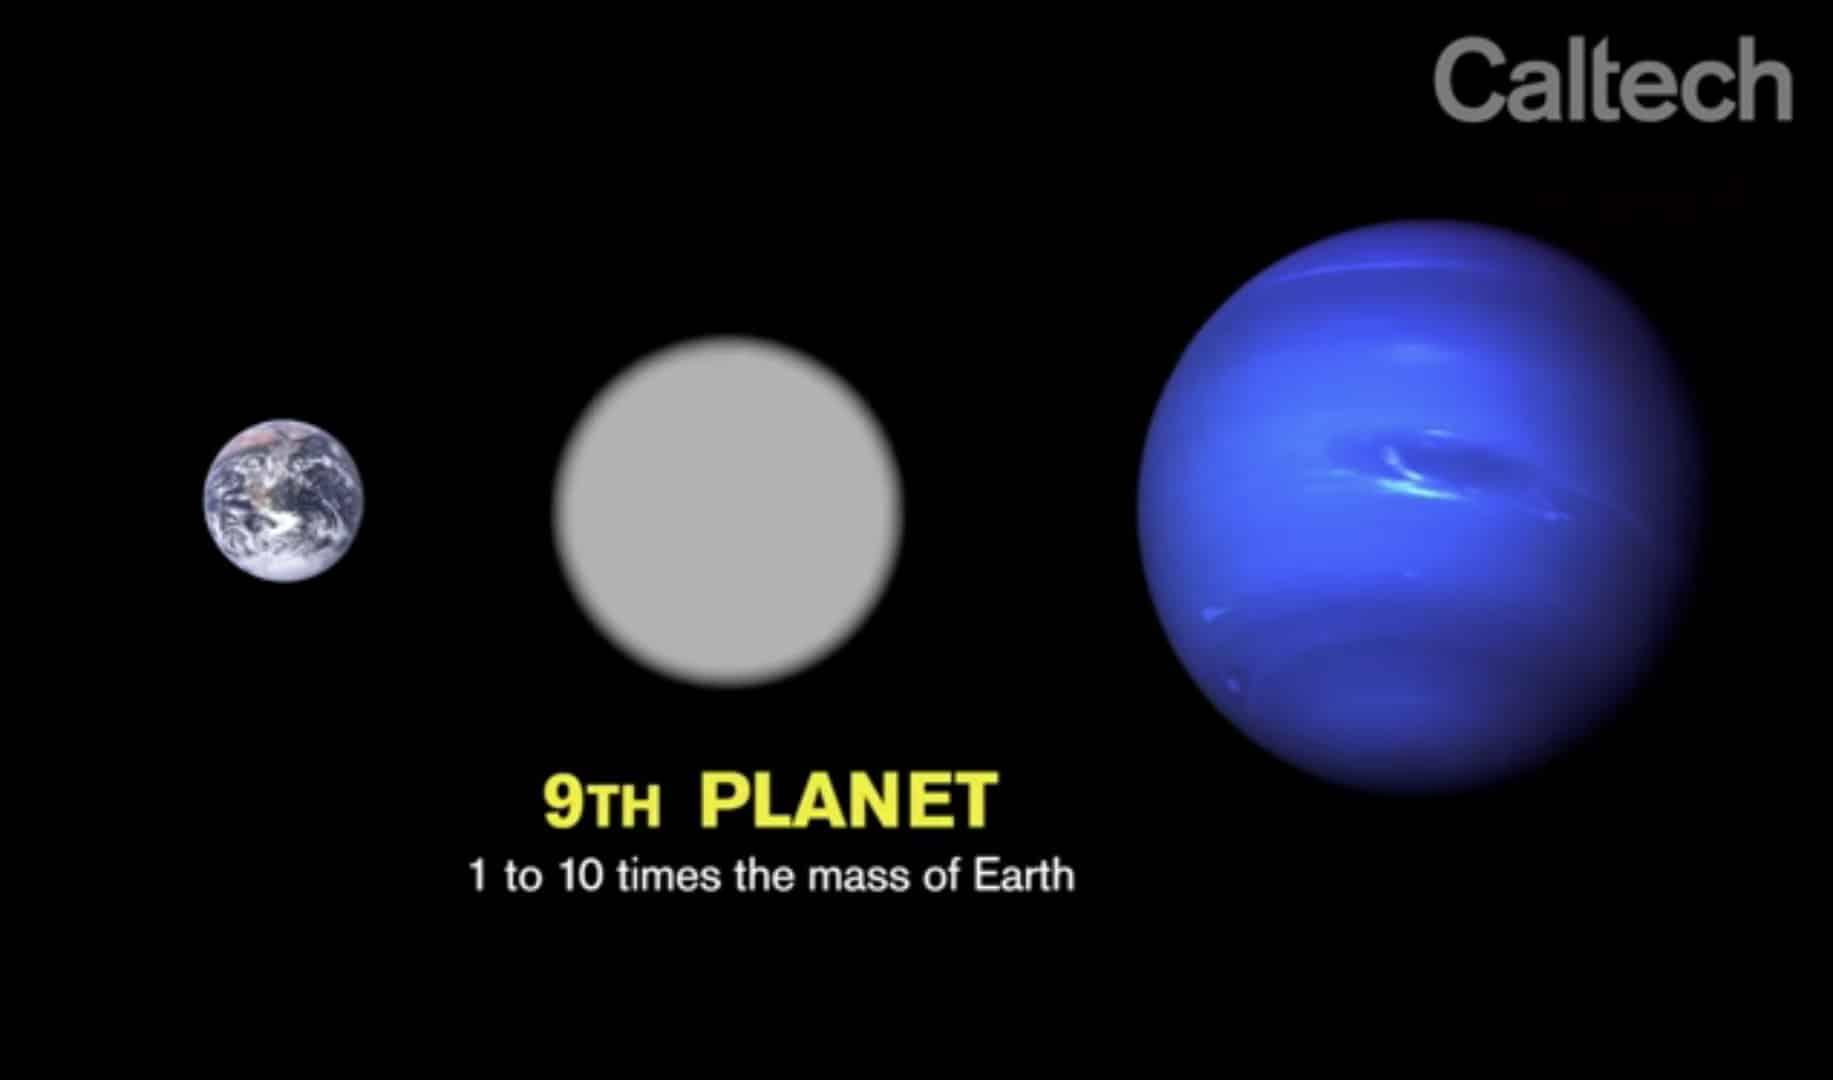 Procjene kažu kako je masa devetog planeta i do deset puta veća od Zemljine